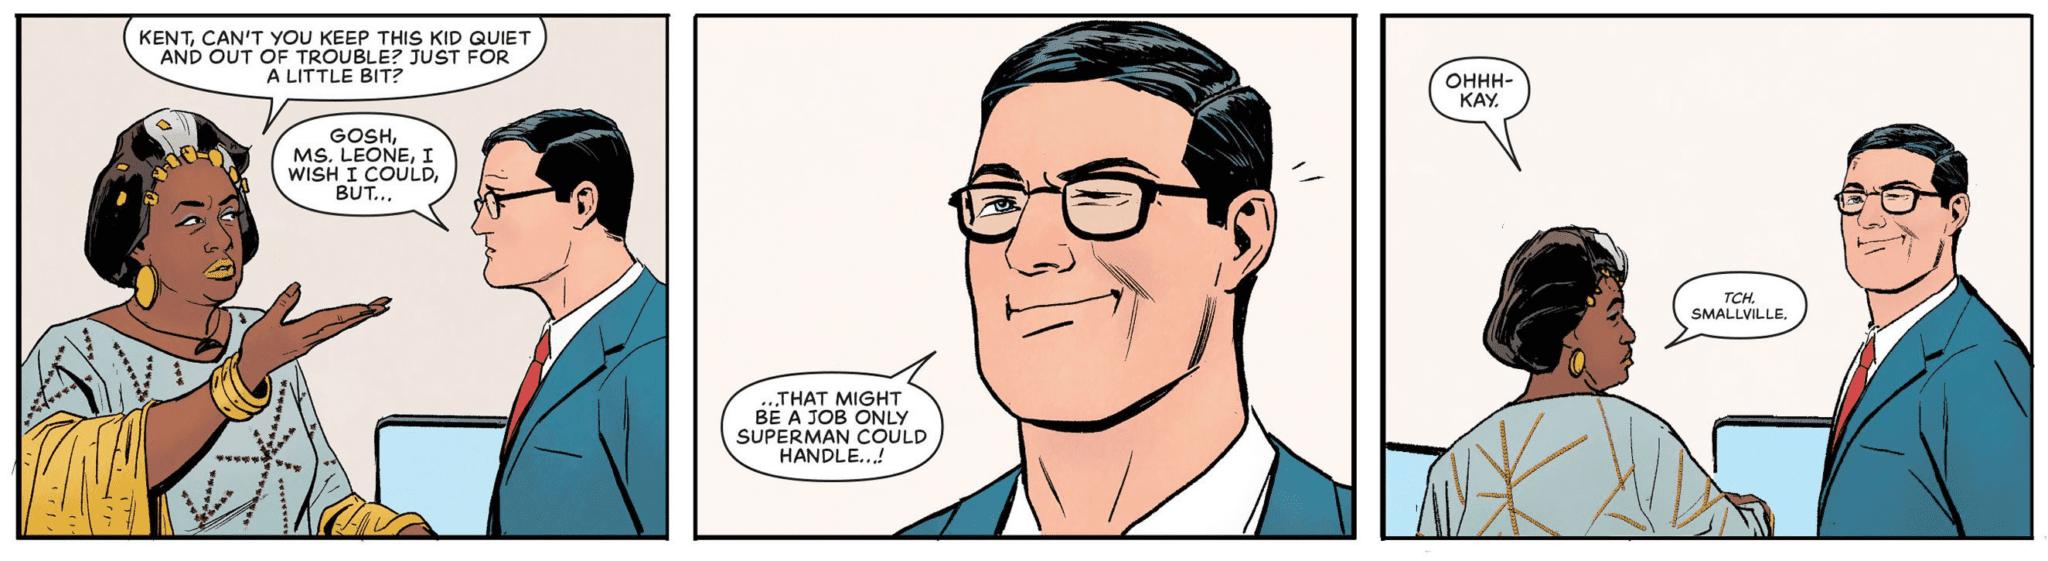 superman's pal jimmy olsen steve lieber matt fraction